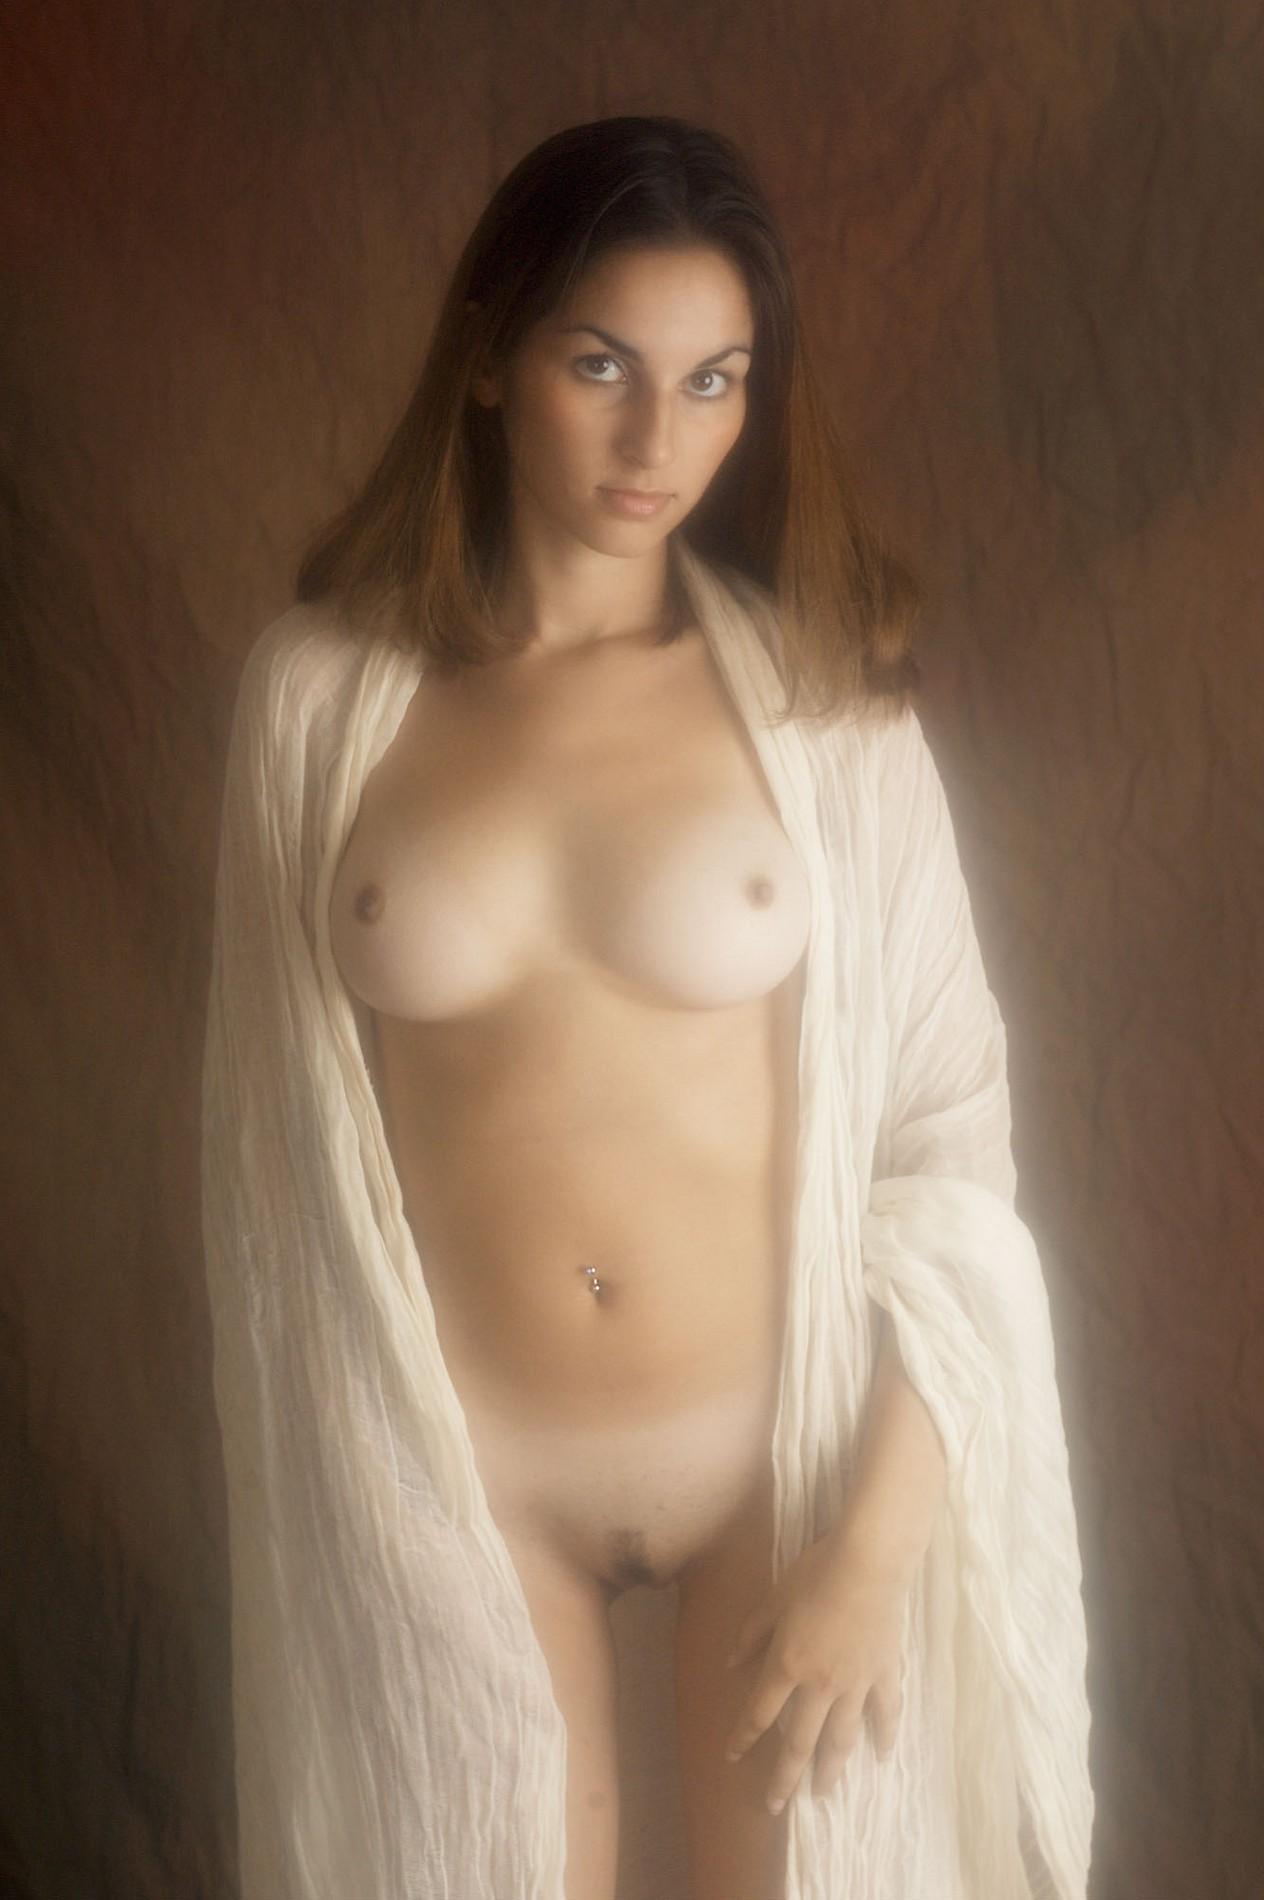 Фото голых девушек в дагестане 6 фотография